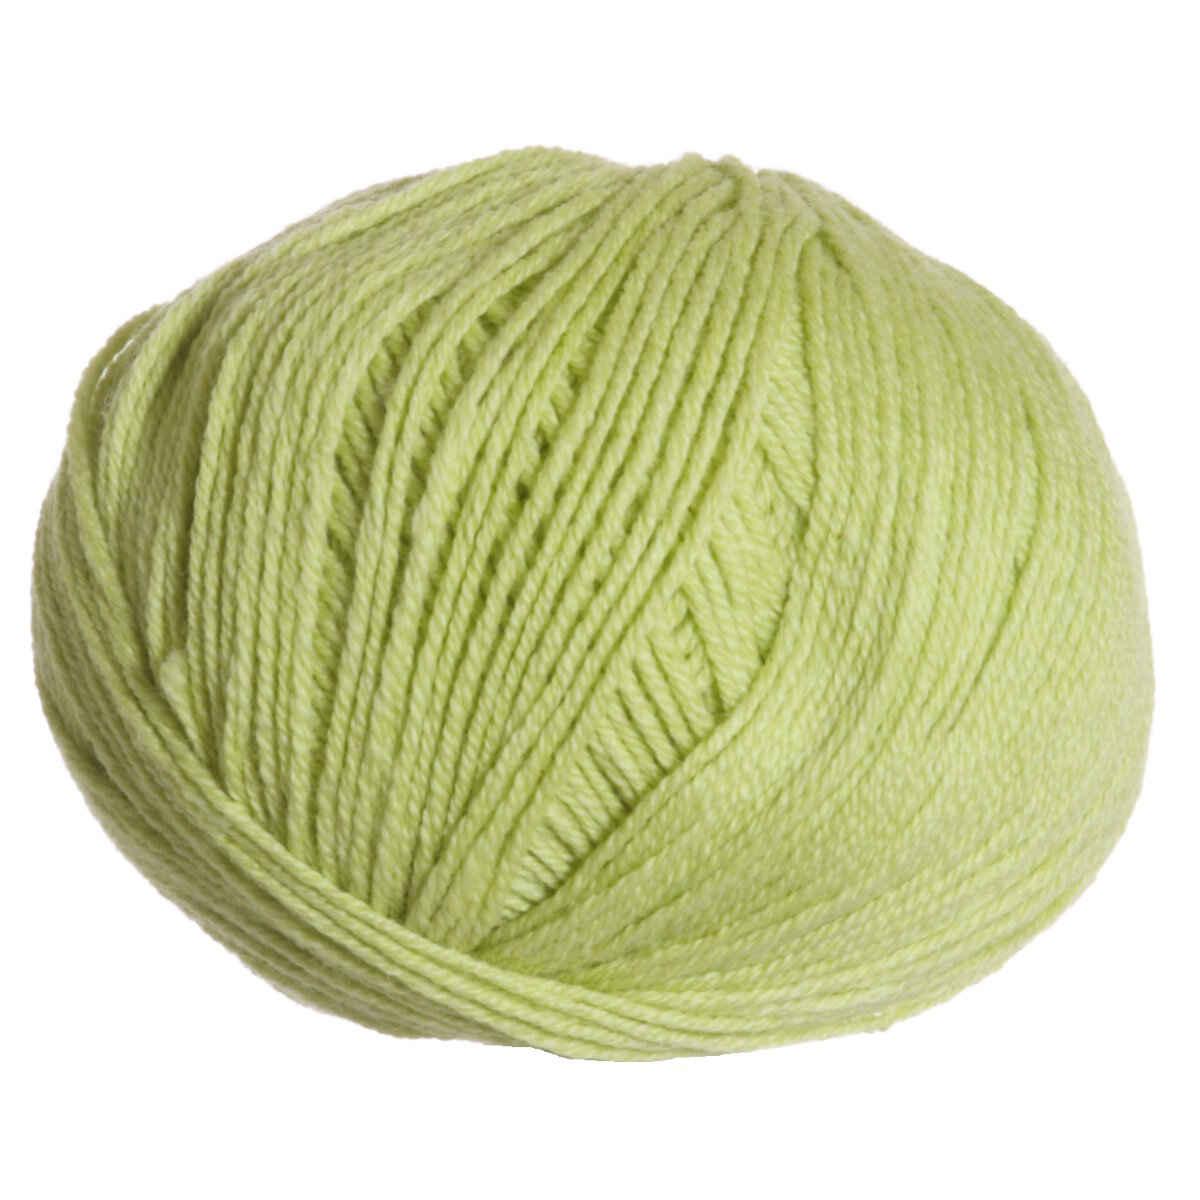 Knitting Patterns Rowan Wool Cotton : Rowan Wool Cotton 4ply Yarn at Jimmy Beans Wool